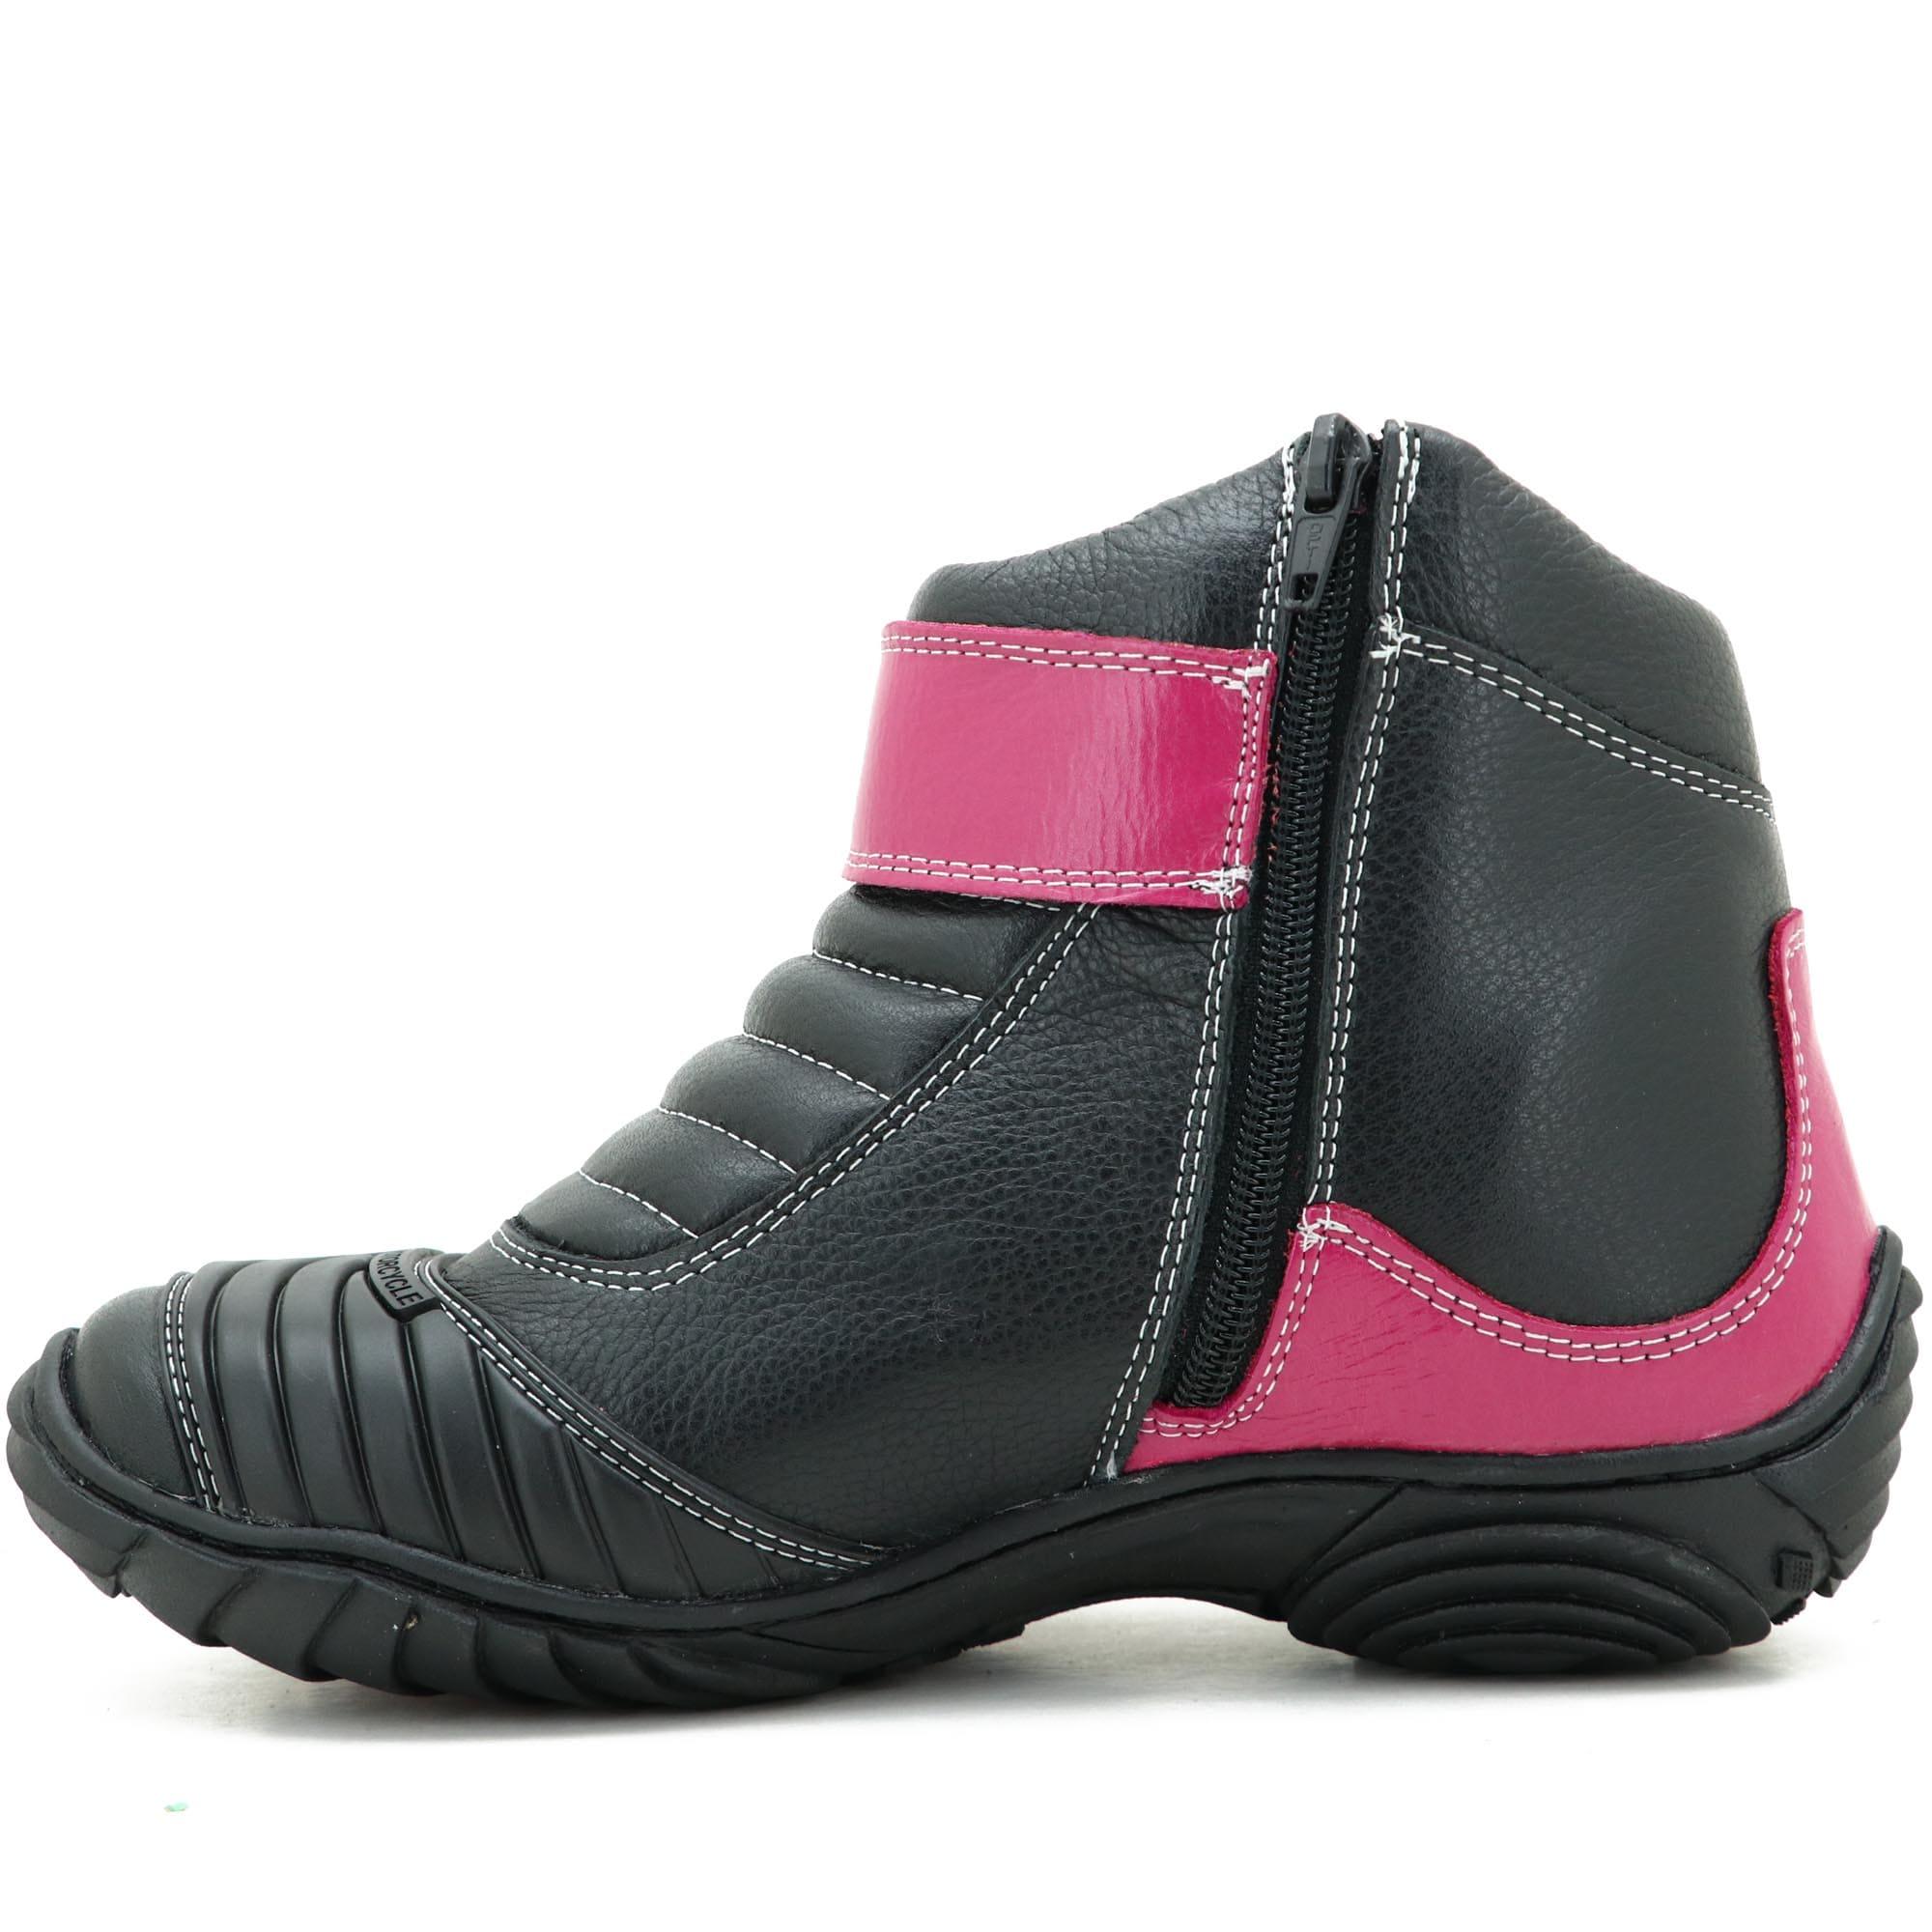 Bota feminina motociclista esportiva pink e preto em couro legítimo 271 com chinelo - GRATIS UMA CARTEIRA